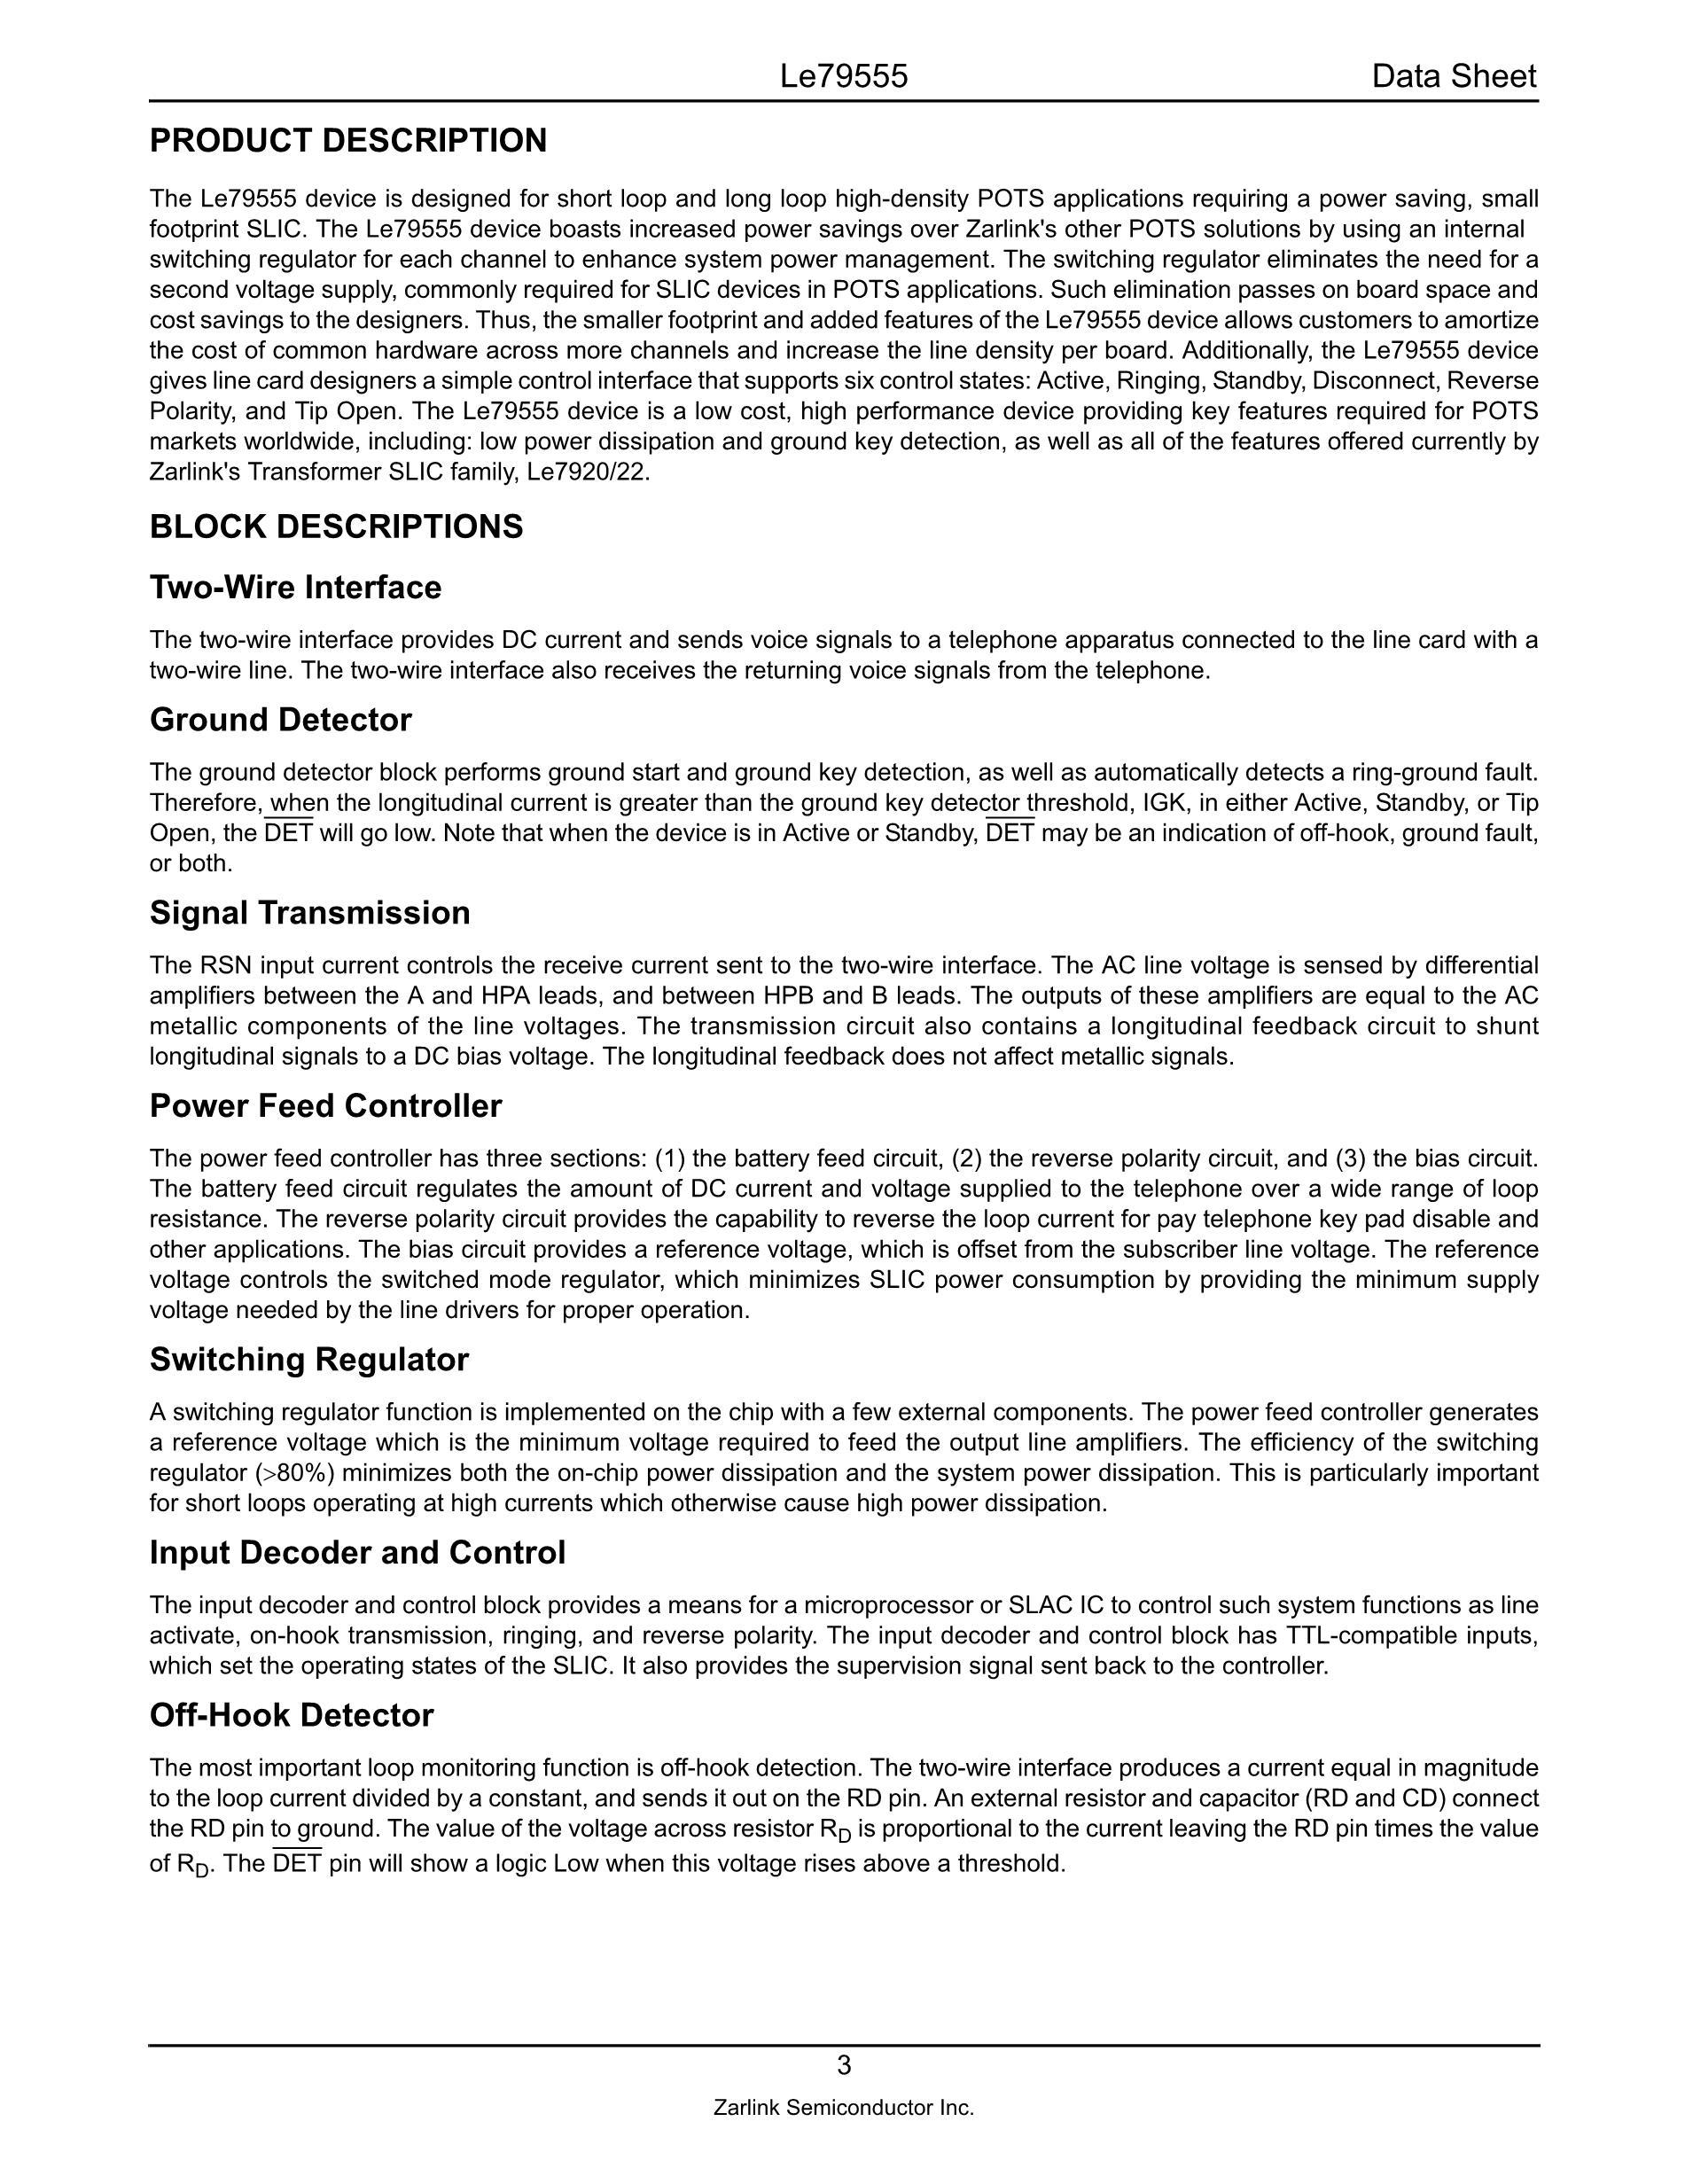 LE79252BTCT's pdf picture 3